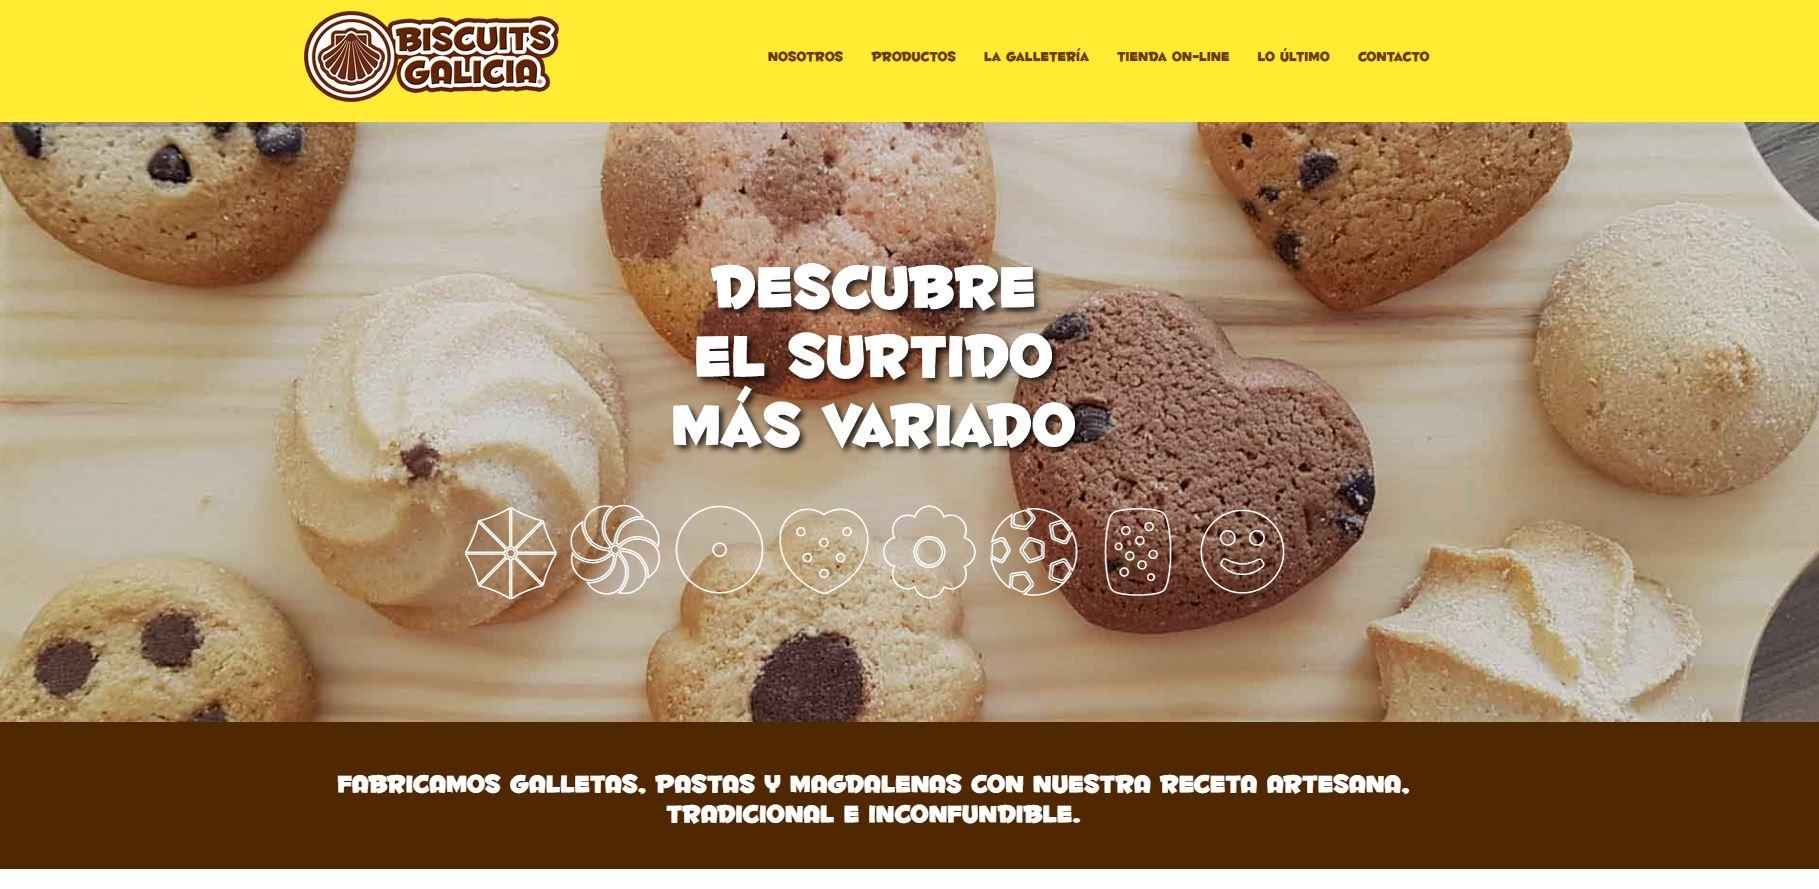 Tienda online biscuits galicia